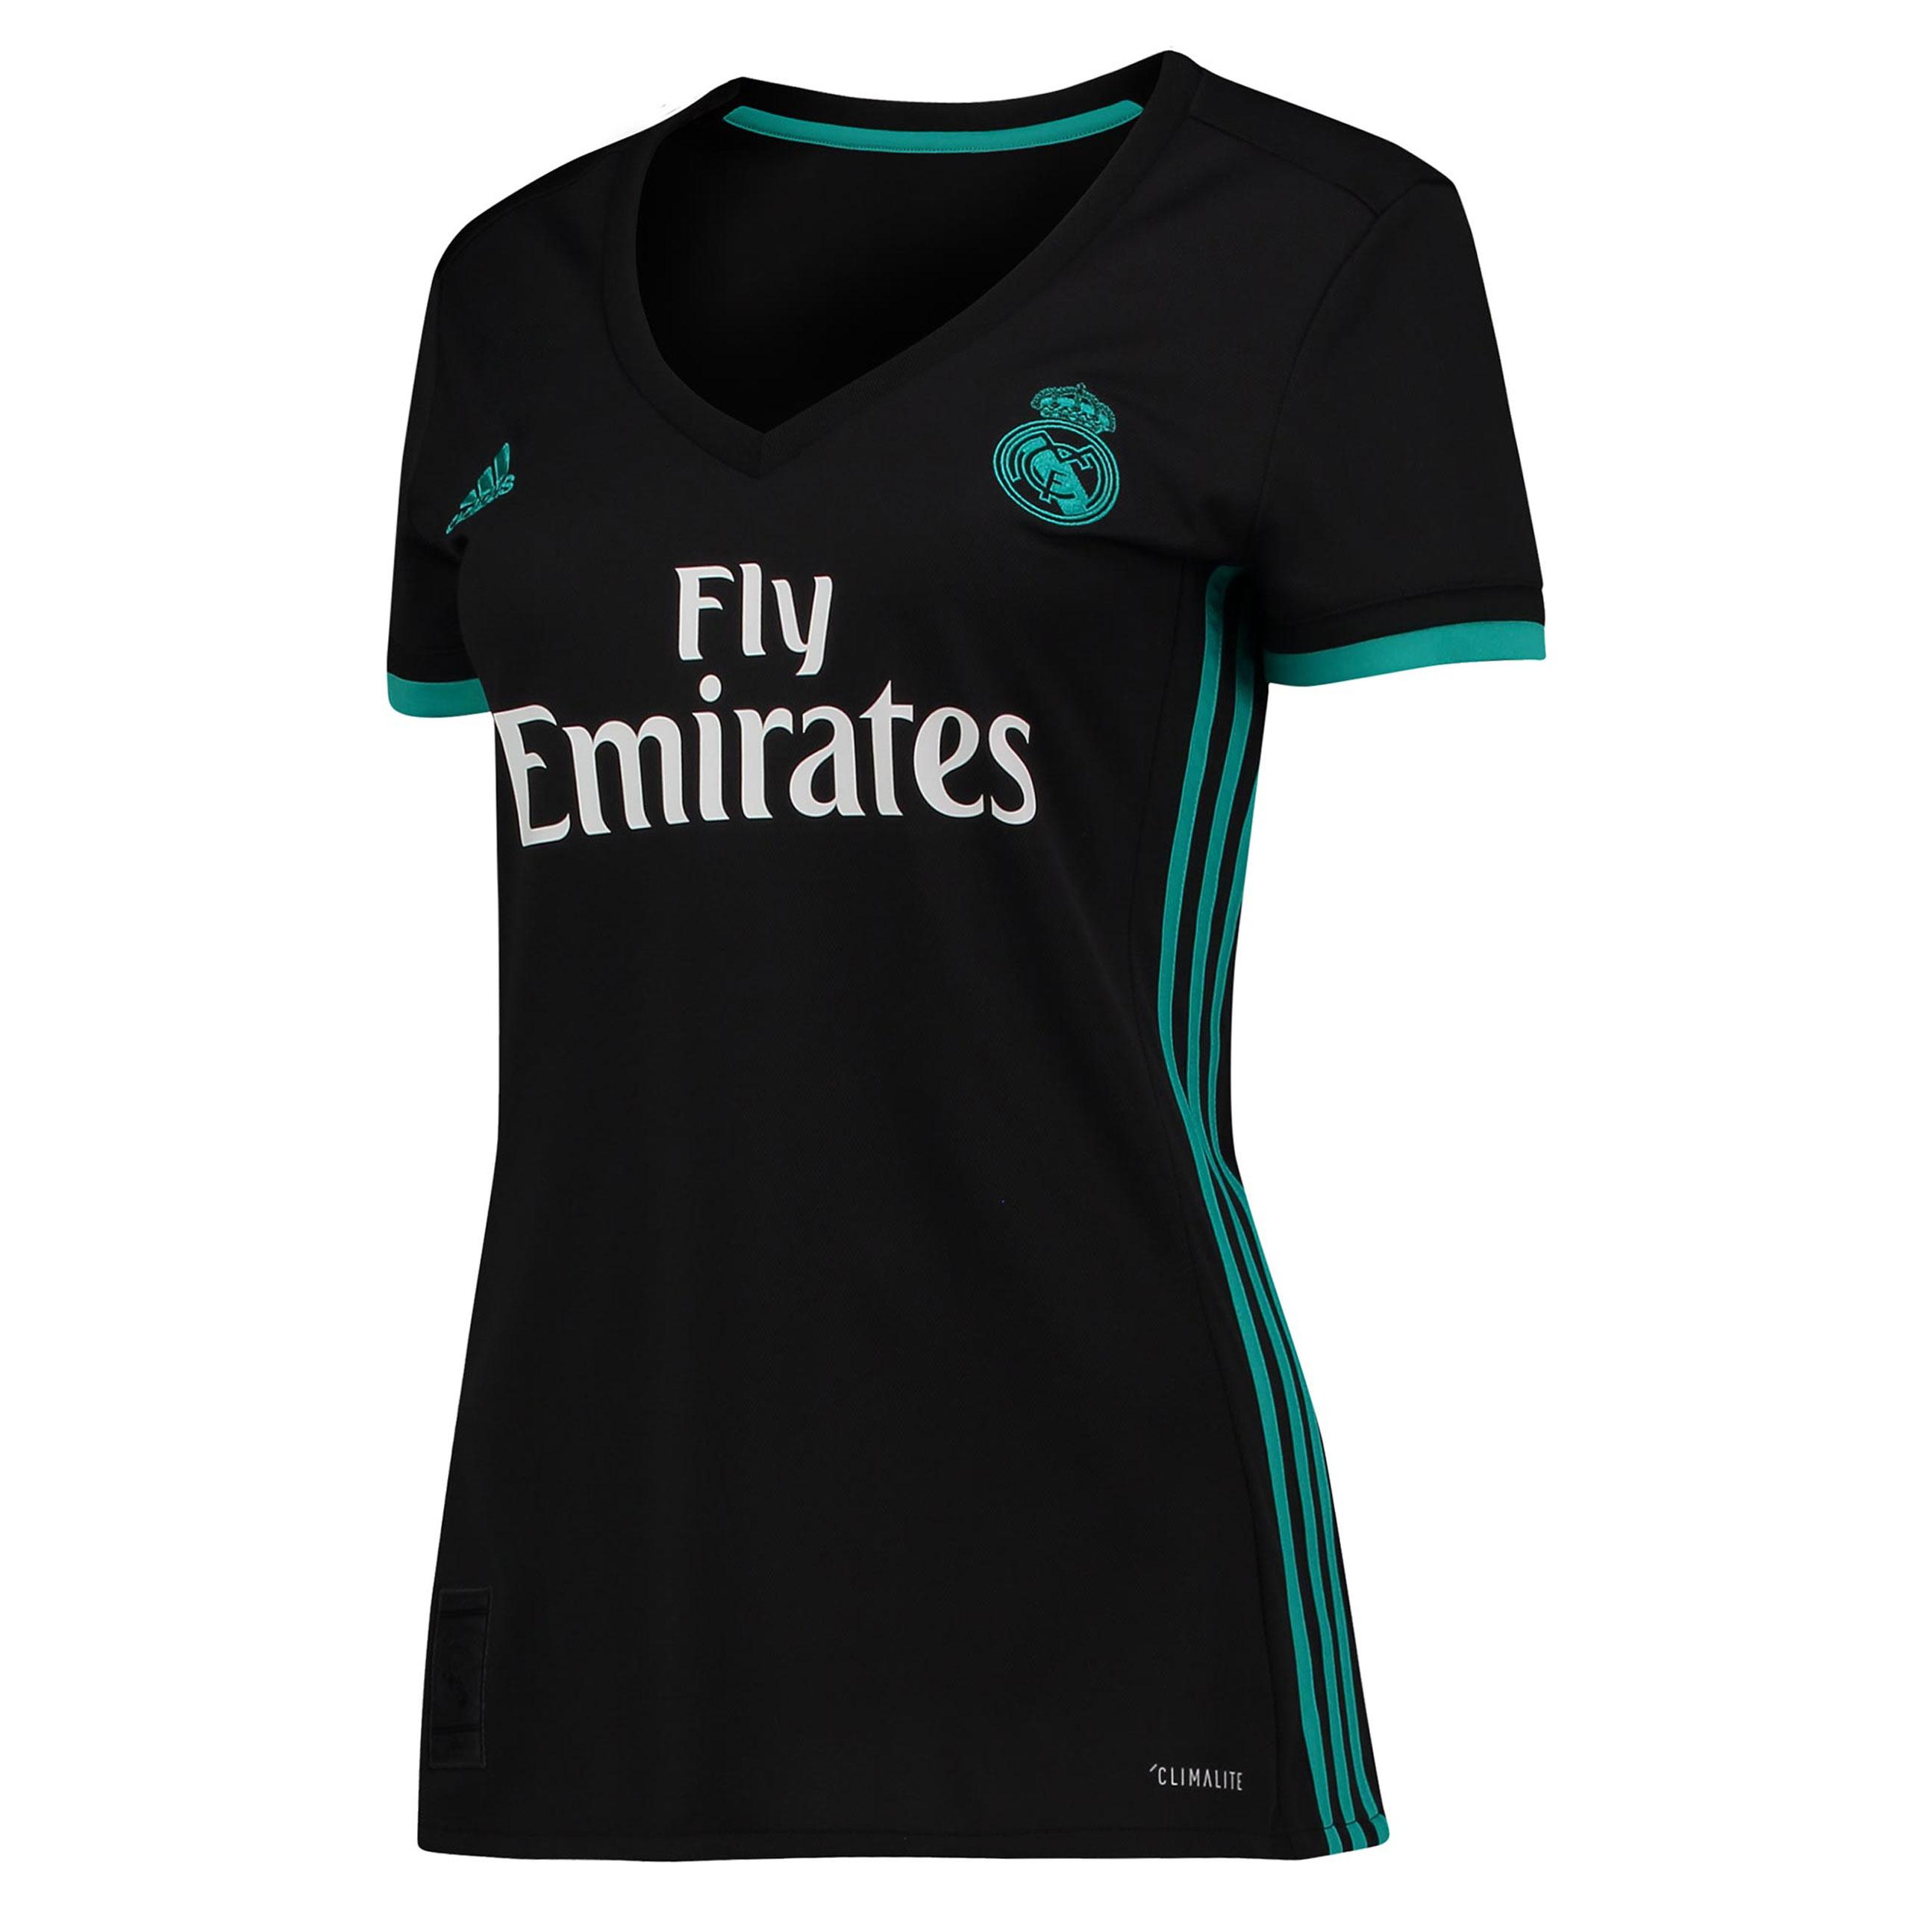 Camiseta de la 2ª equipación Real Madrid 2017/18 - Mujer